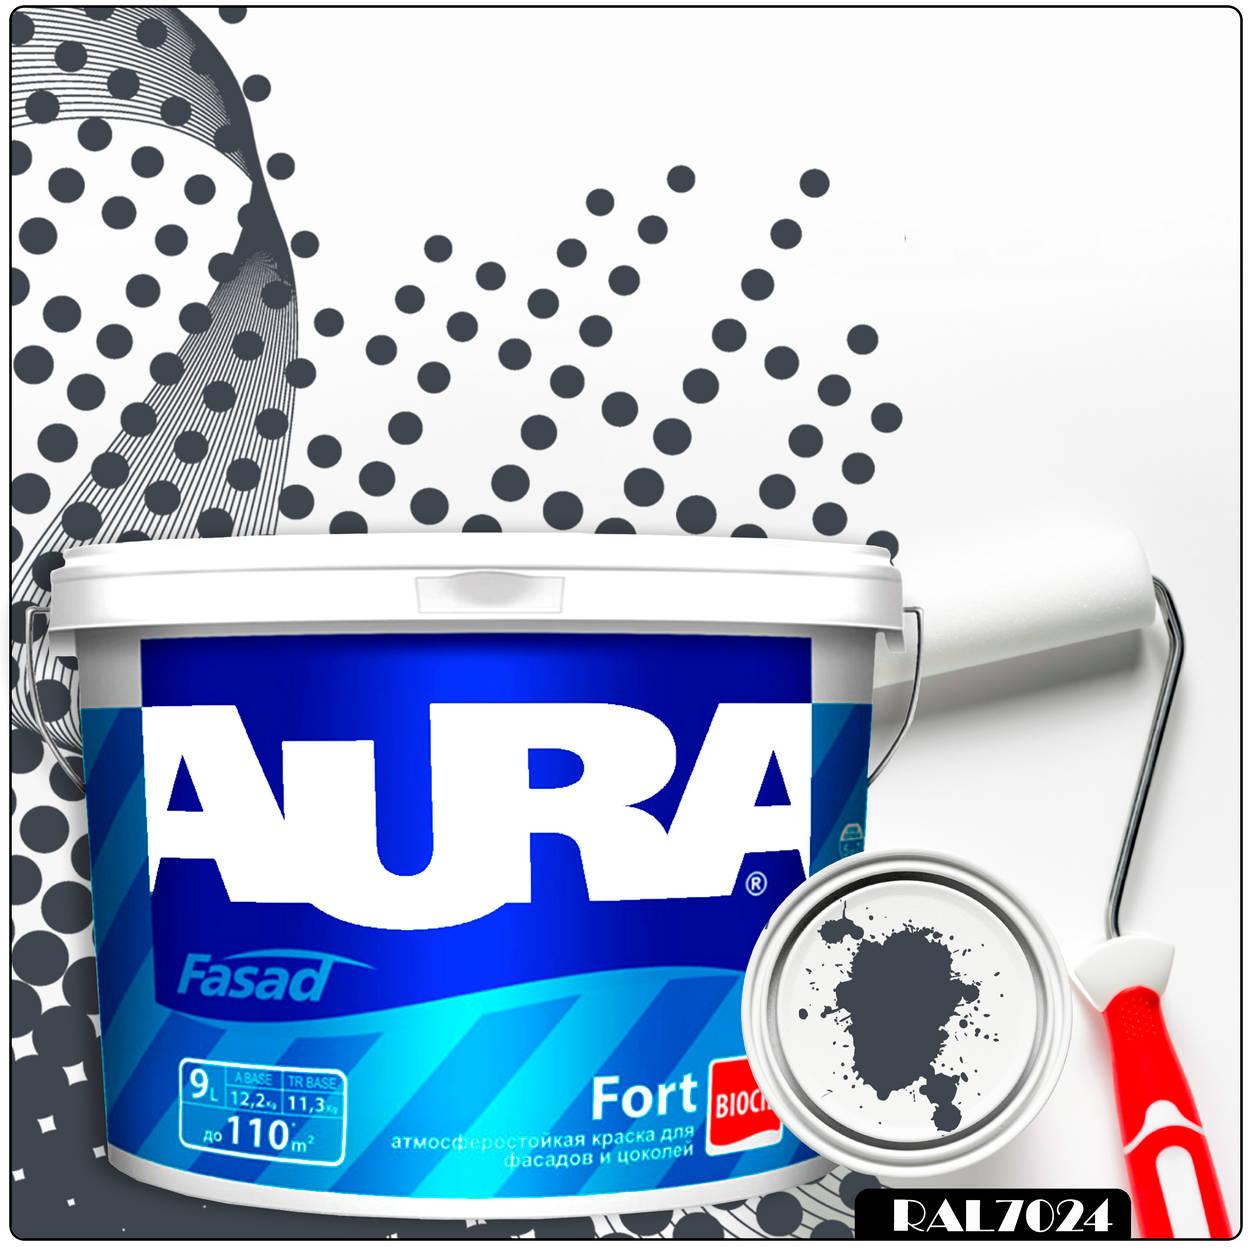 Фото 18 - Краска Aura Fasad Fort, RAL 7024 Графитовый серый, латексная, матовая, для фасада и цоколей, 9л, Аура.